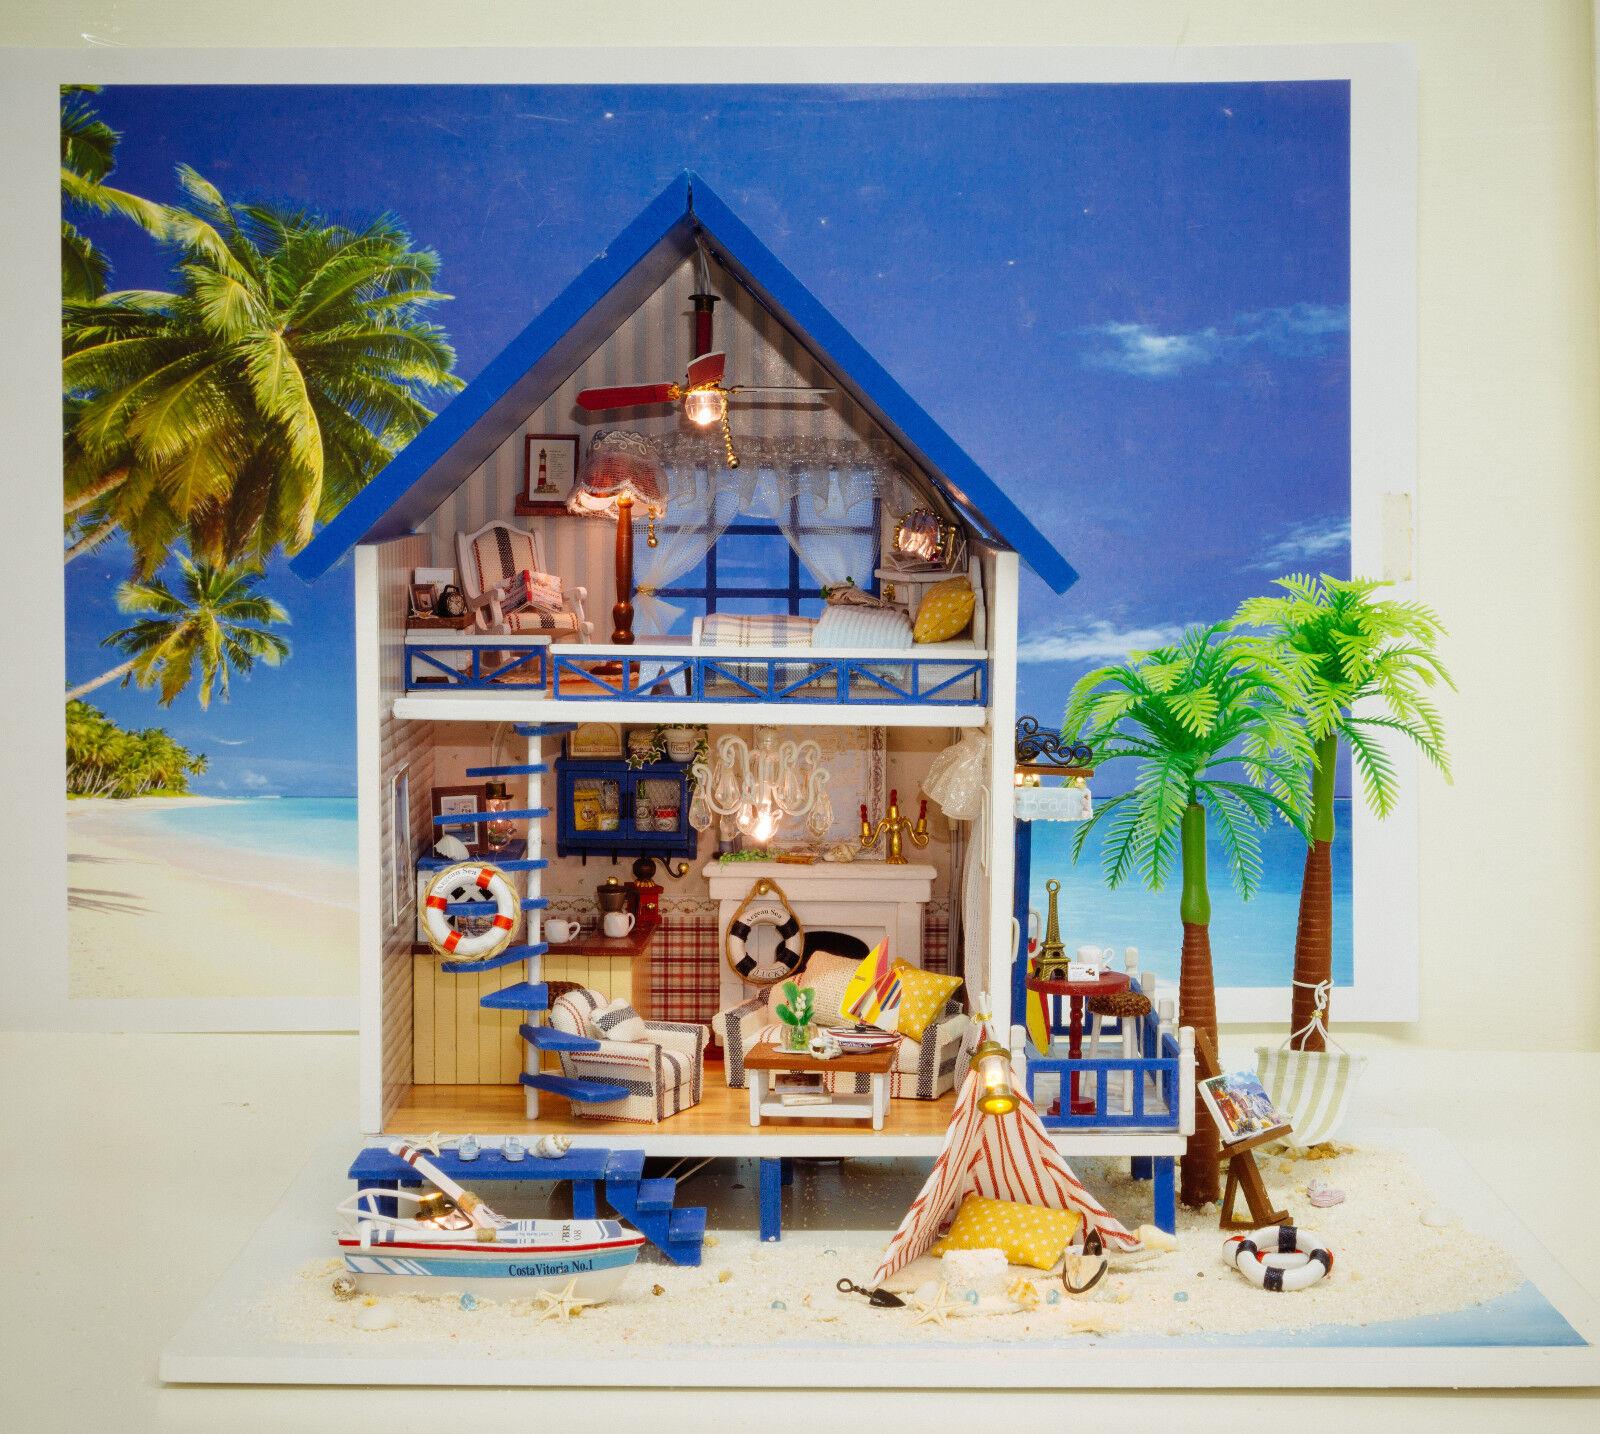 moda Casa de muñecas en miniatura (hágalo (hágalo (hágalo usted mismo Kit) - a-029, Creek Jugara Villa del Mar Egeo  forma única